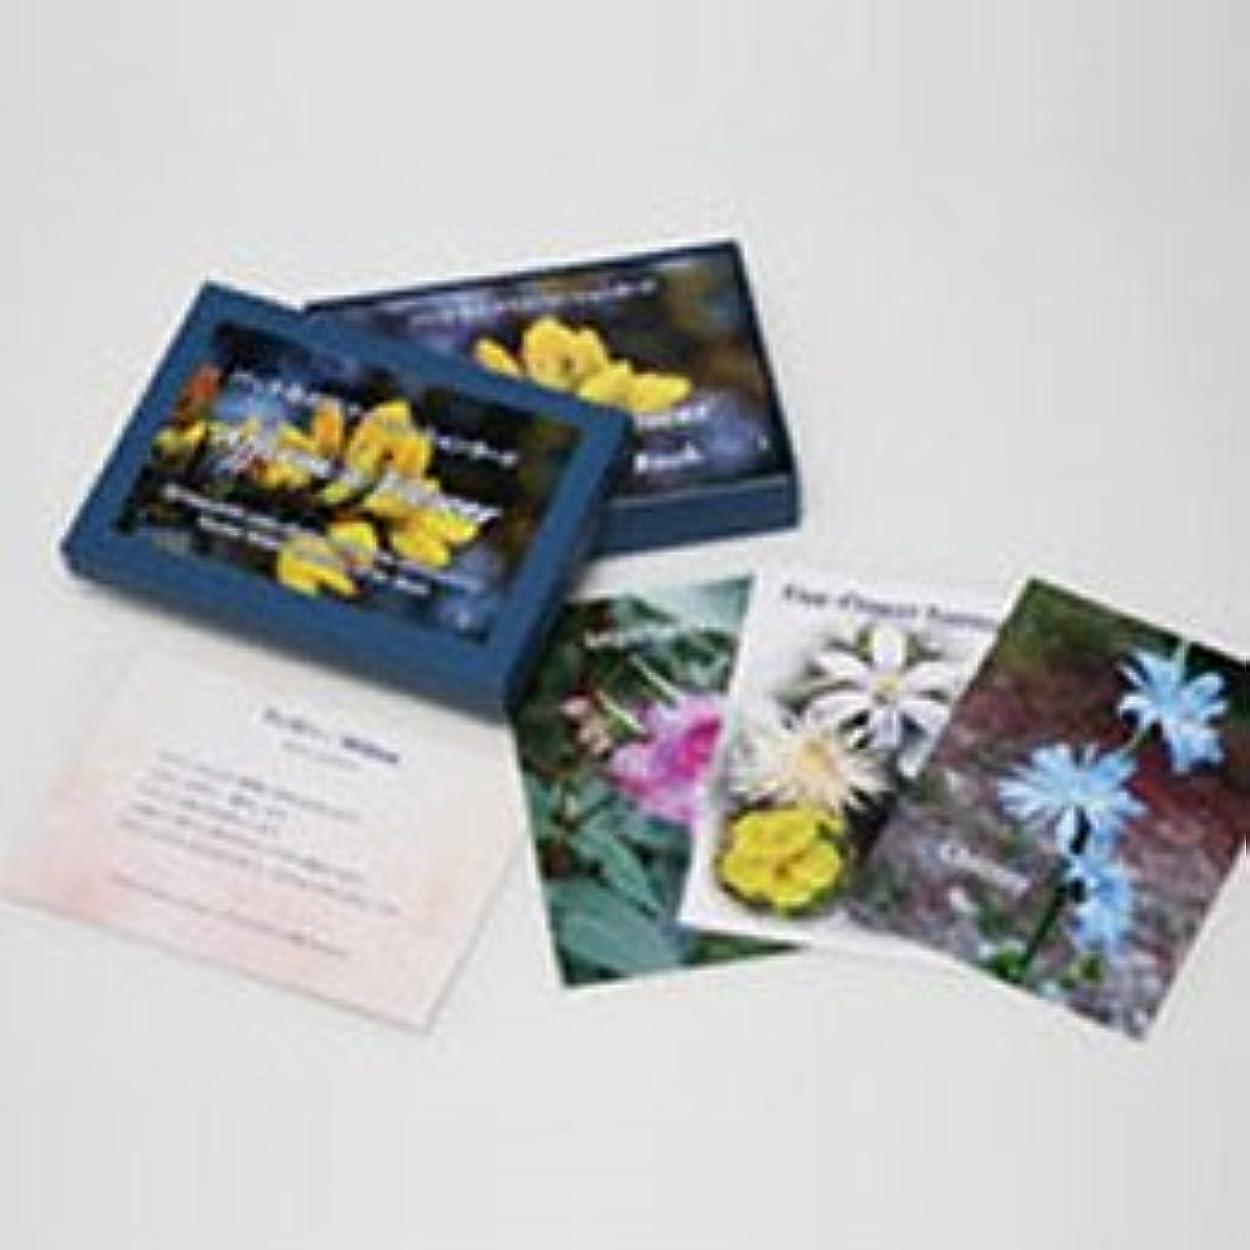 味方歩き回るインチバッチアファメーションカード(38枚) 日本国内正規品